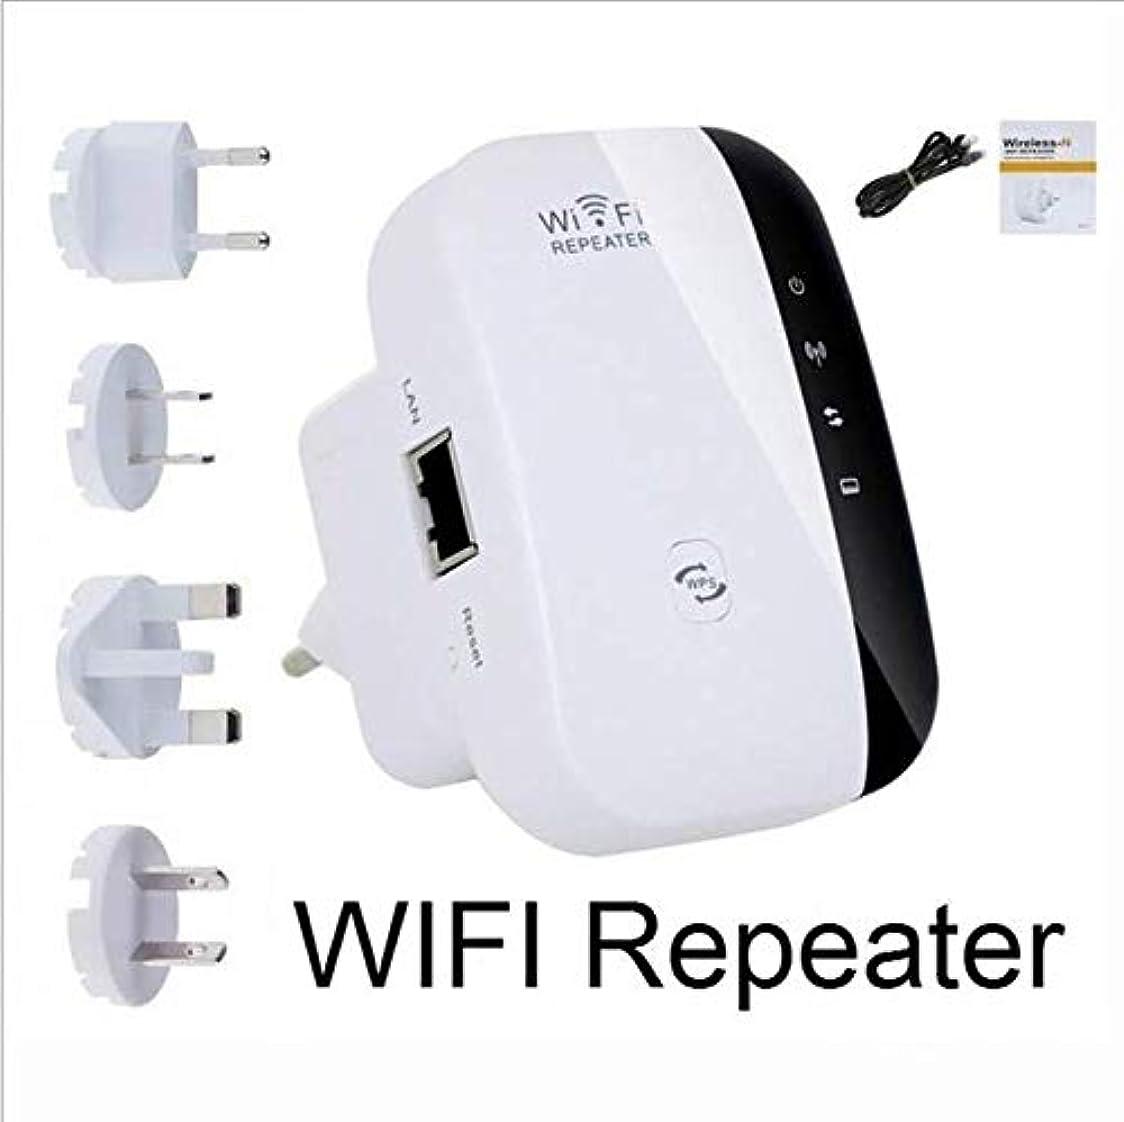 付き添い人野な呼ぶWPS、インターネット信号ブースター、APリピーター、300MbpsワイヤレスポータブルミニWifiブースター付きWiFi範囲エクステンダ